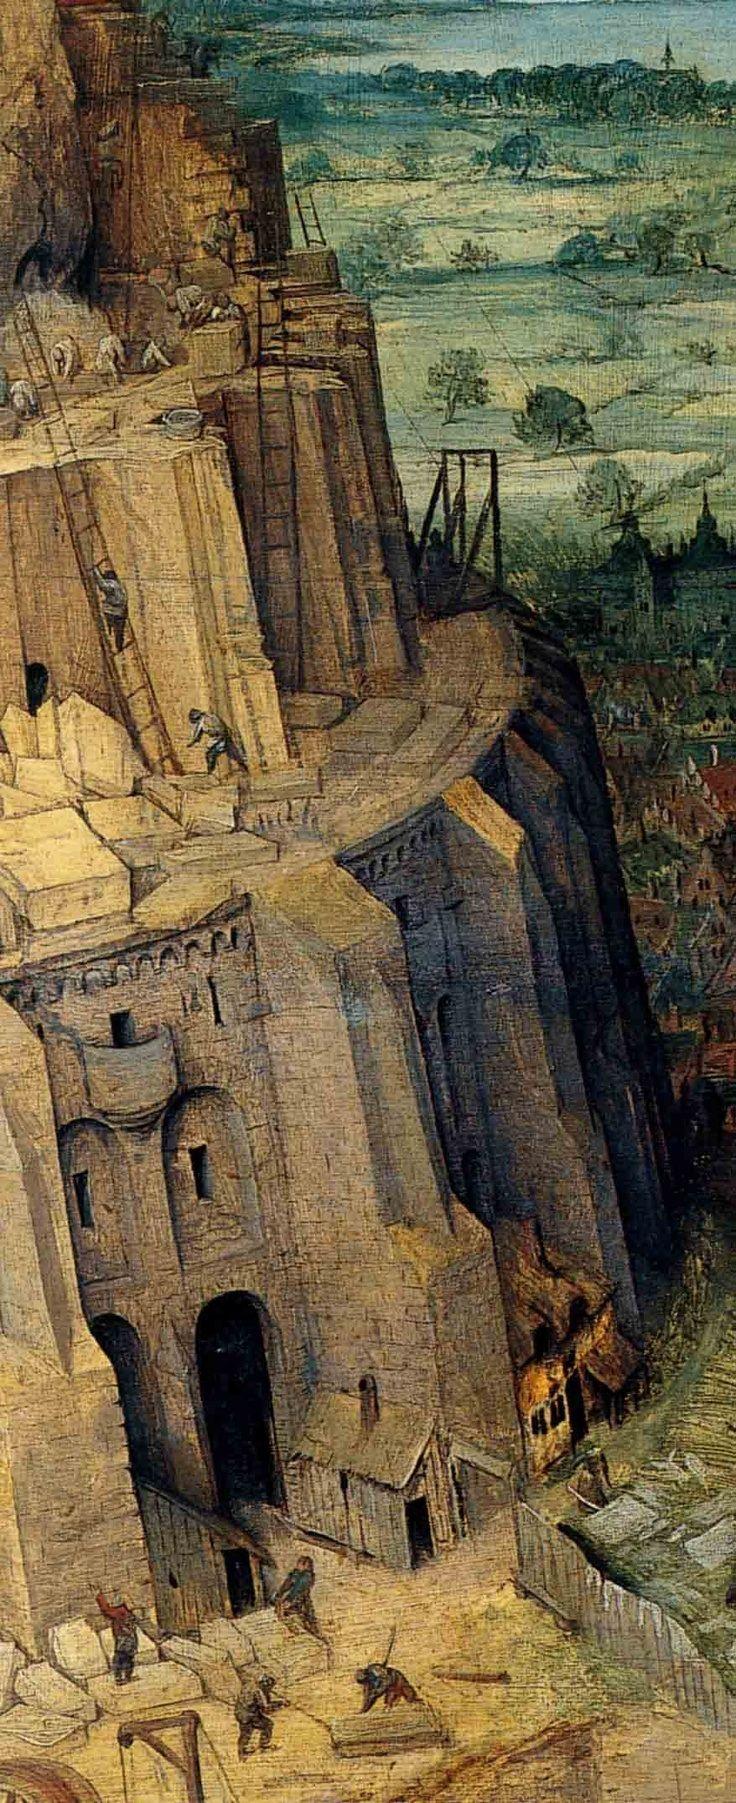 Tour de babel | Tour de babel, Art biblique, Paysage fantastique